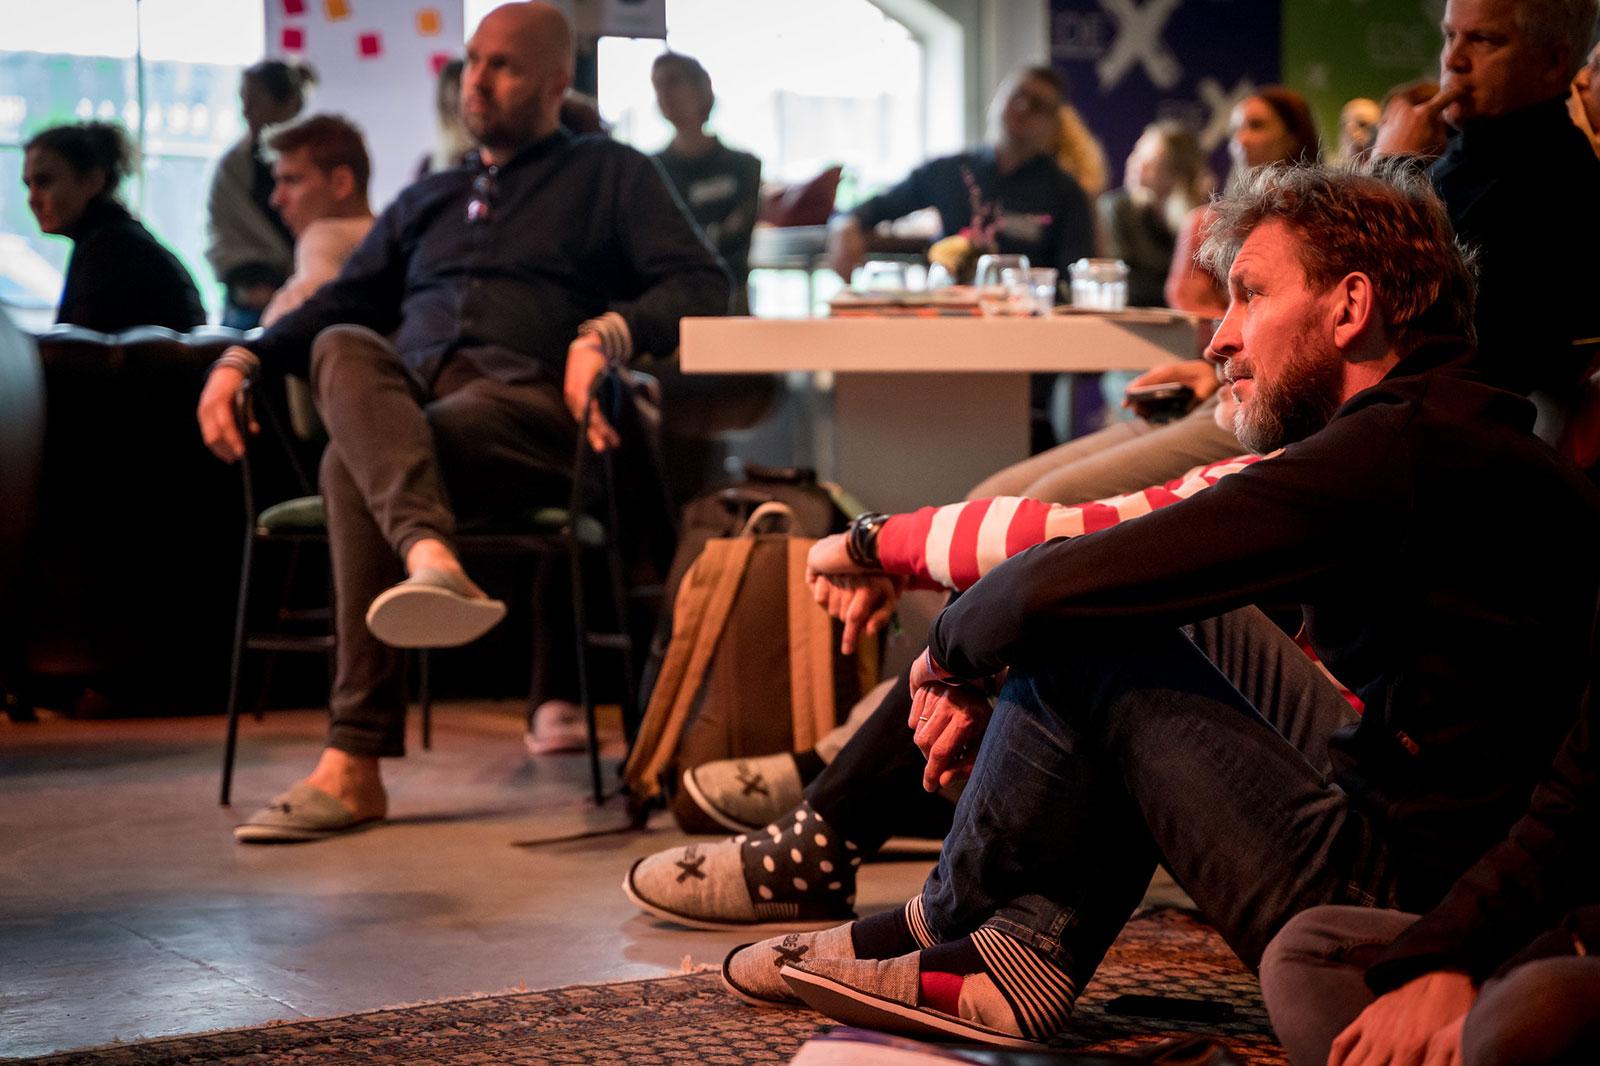 EDEX 2020 - Aandachtig aan het luisteren naar een expert spreker van Pulsed